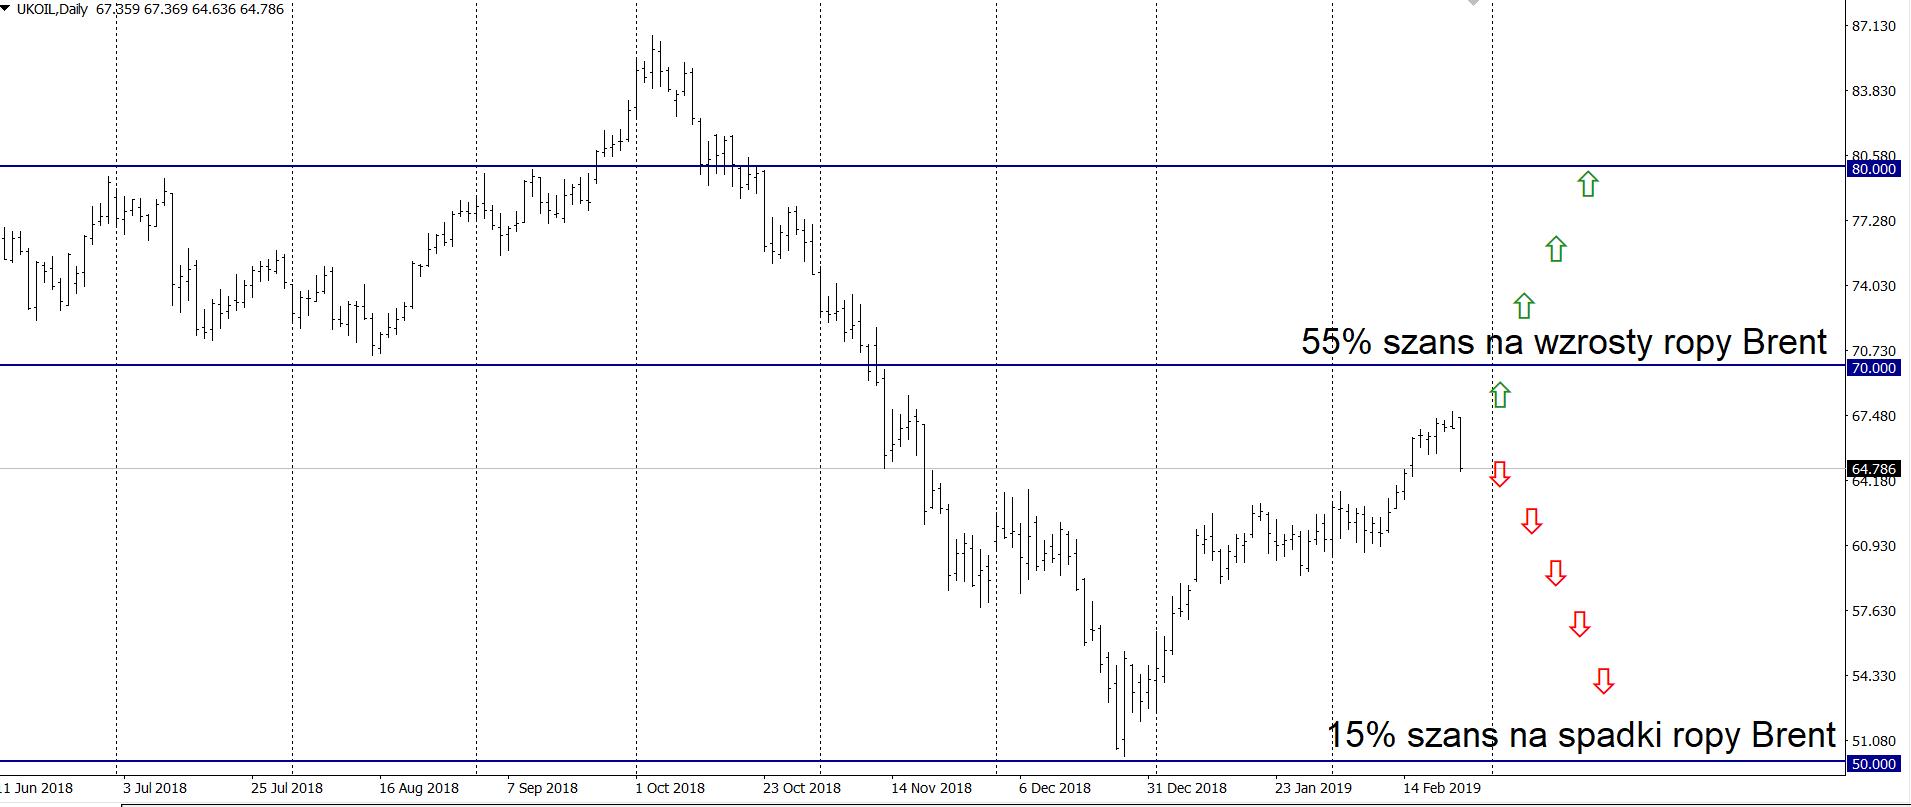 Citibank: Prognozy dla ropy Brent wzrosły do 64 USD/brk. w 2019 r.